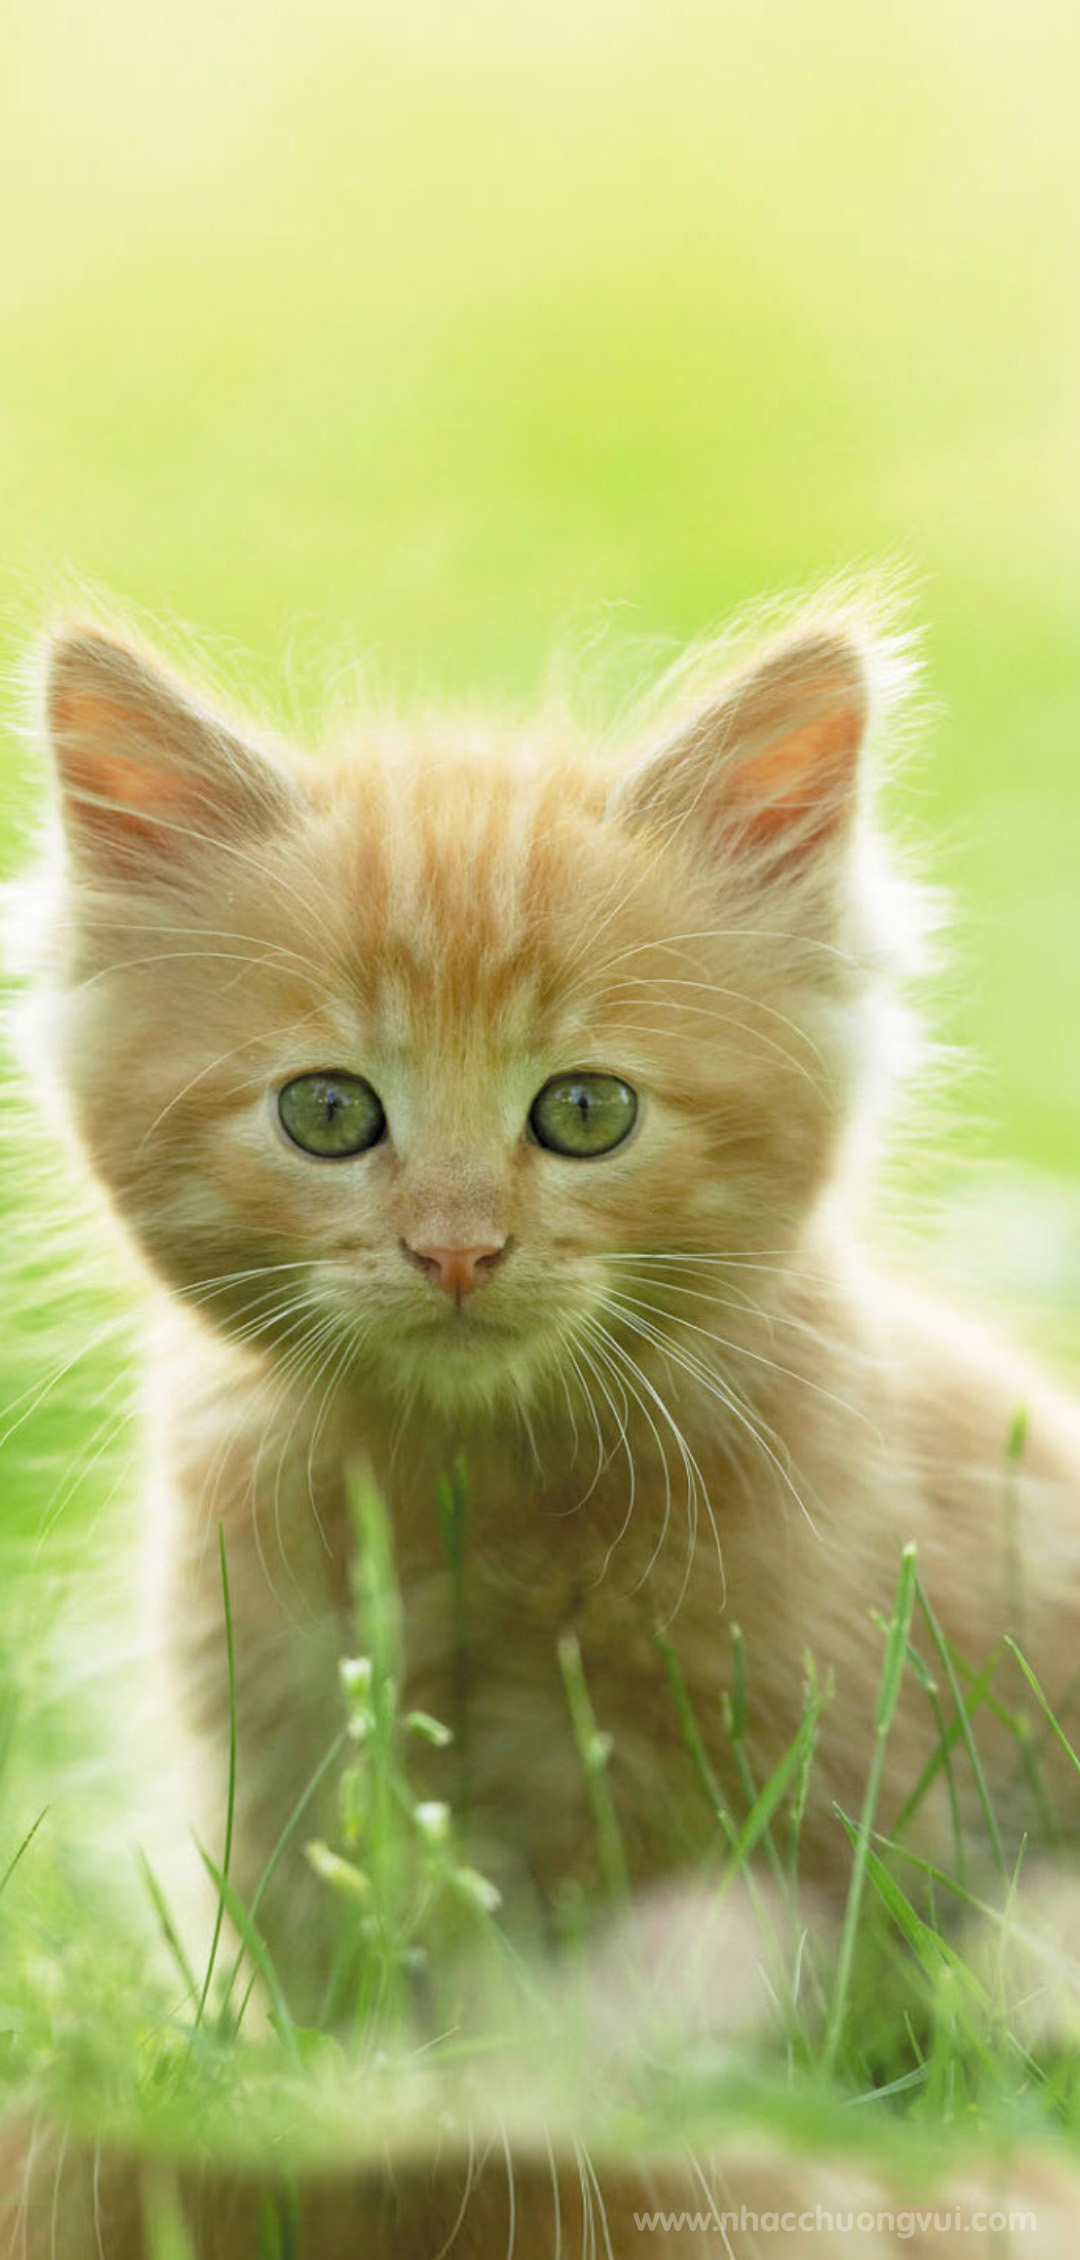 Hình nền mèo đẹp cho điện thoại 4